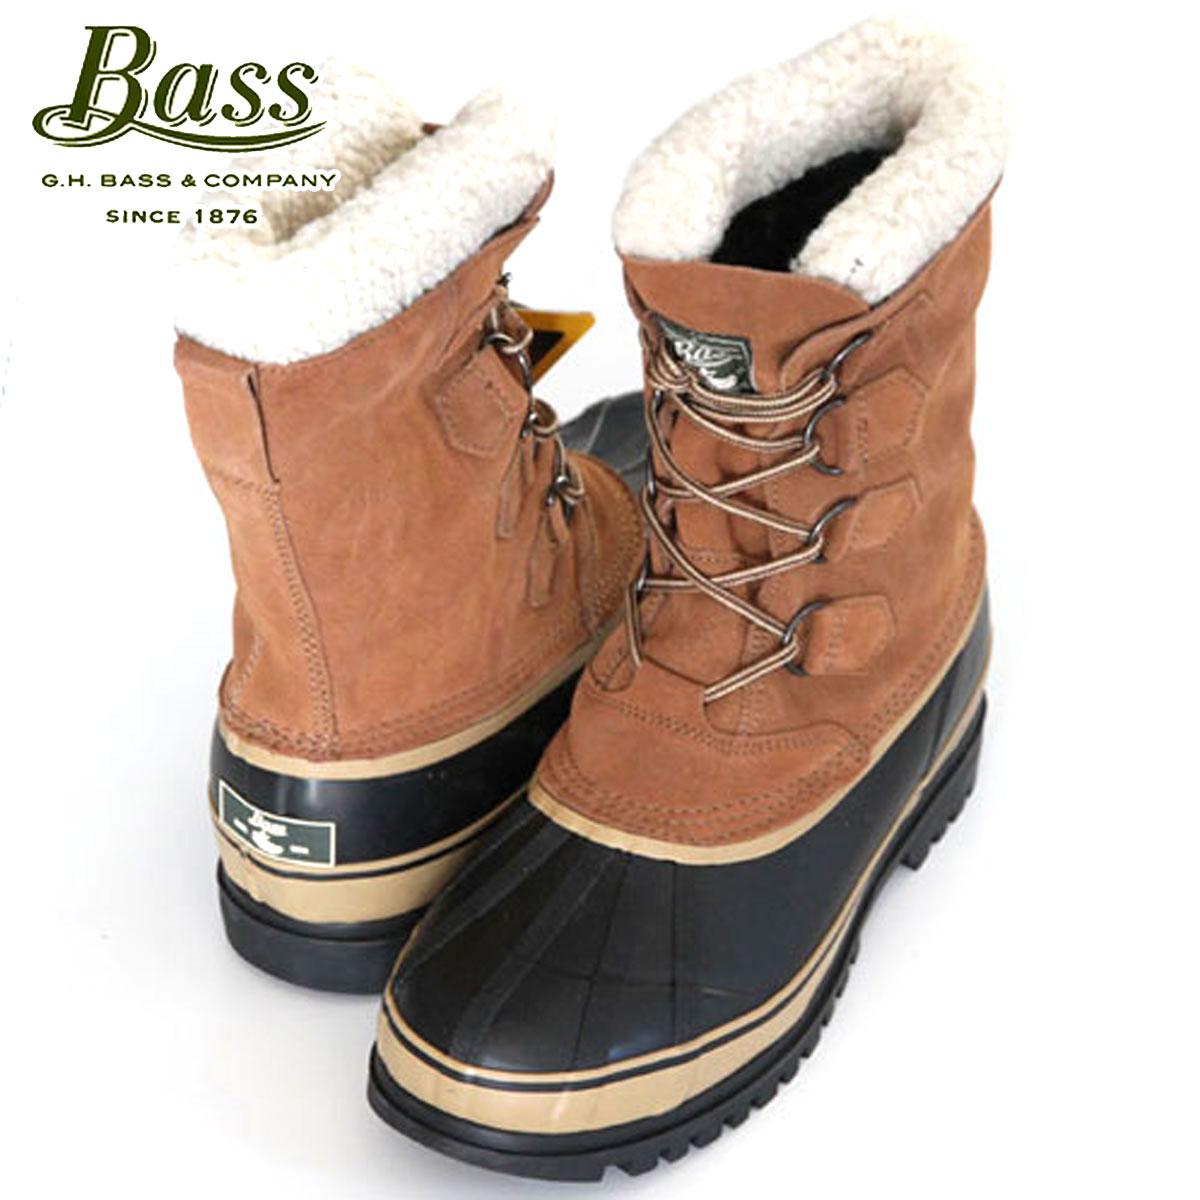 【販売期間 4/2 10:00~4/8 09:59】 バス G.H.BASS 正規品 メンズ ビーンブーツ Bean Boots SUSQUATCH 2105-261 BROWN D25S35